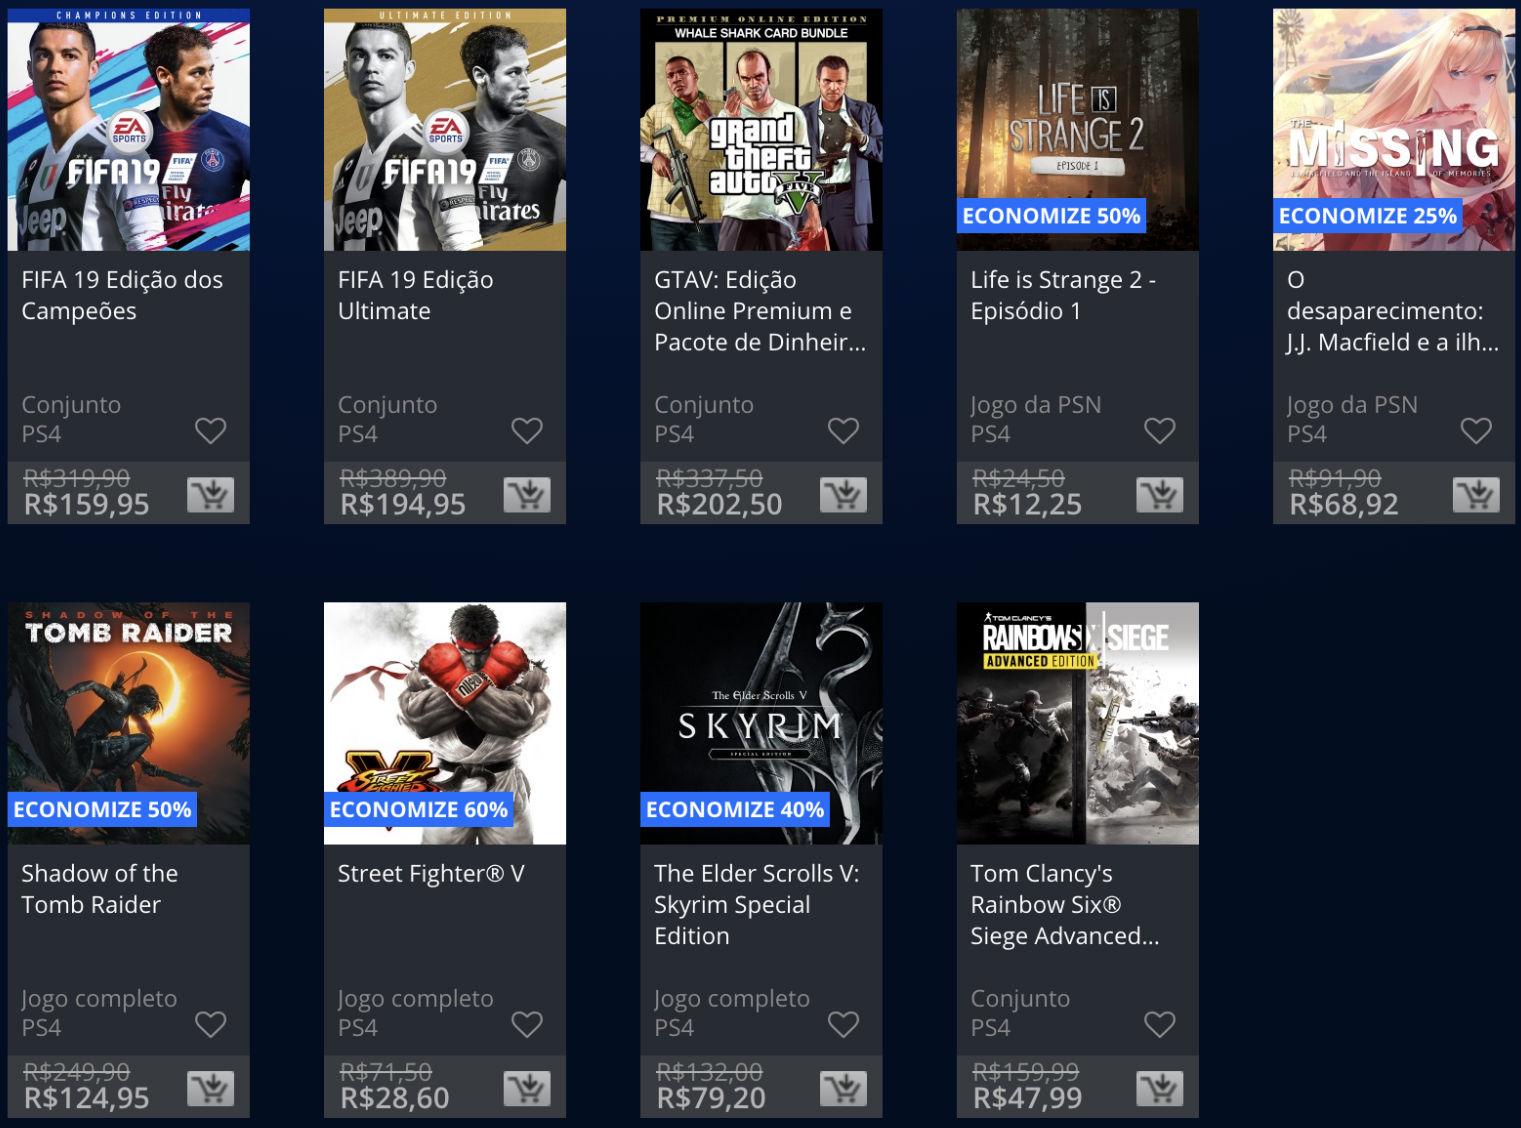 Sony lança promoção The Game Awards na PSN; veja jogos e preços 6